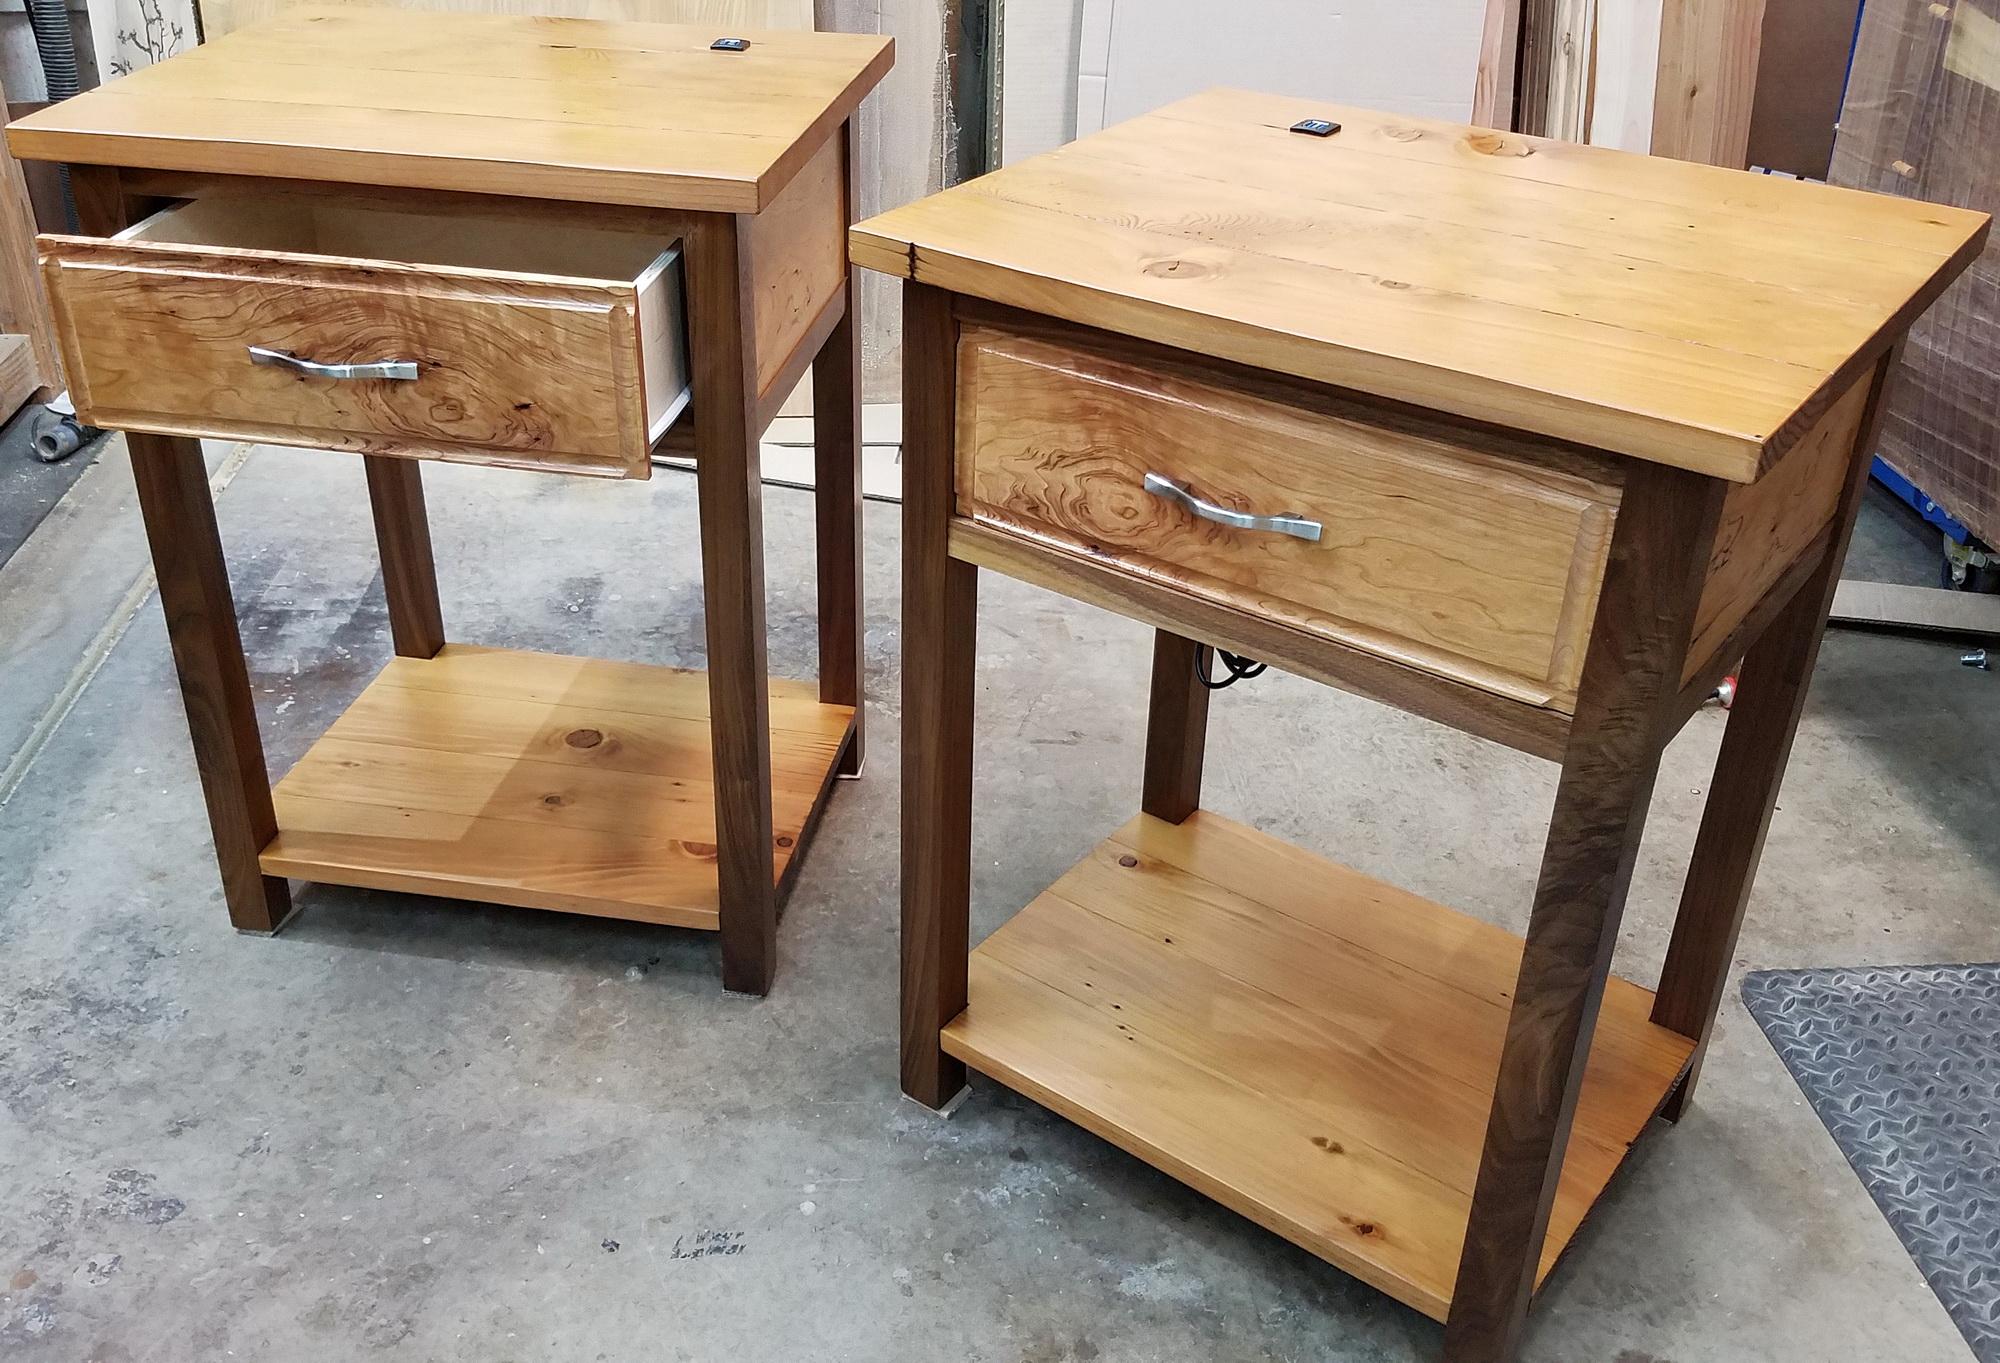 Walnut/fir nightstands